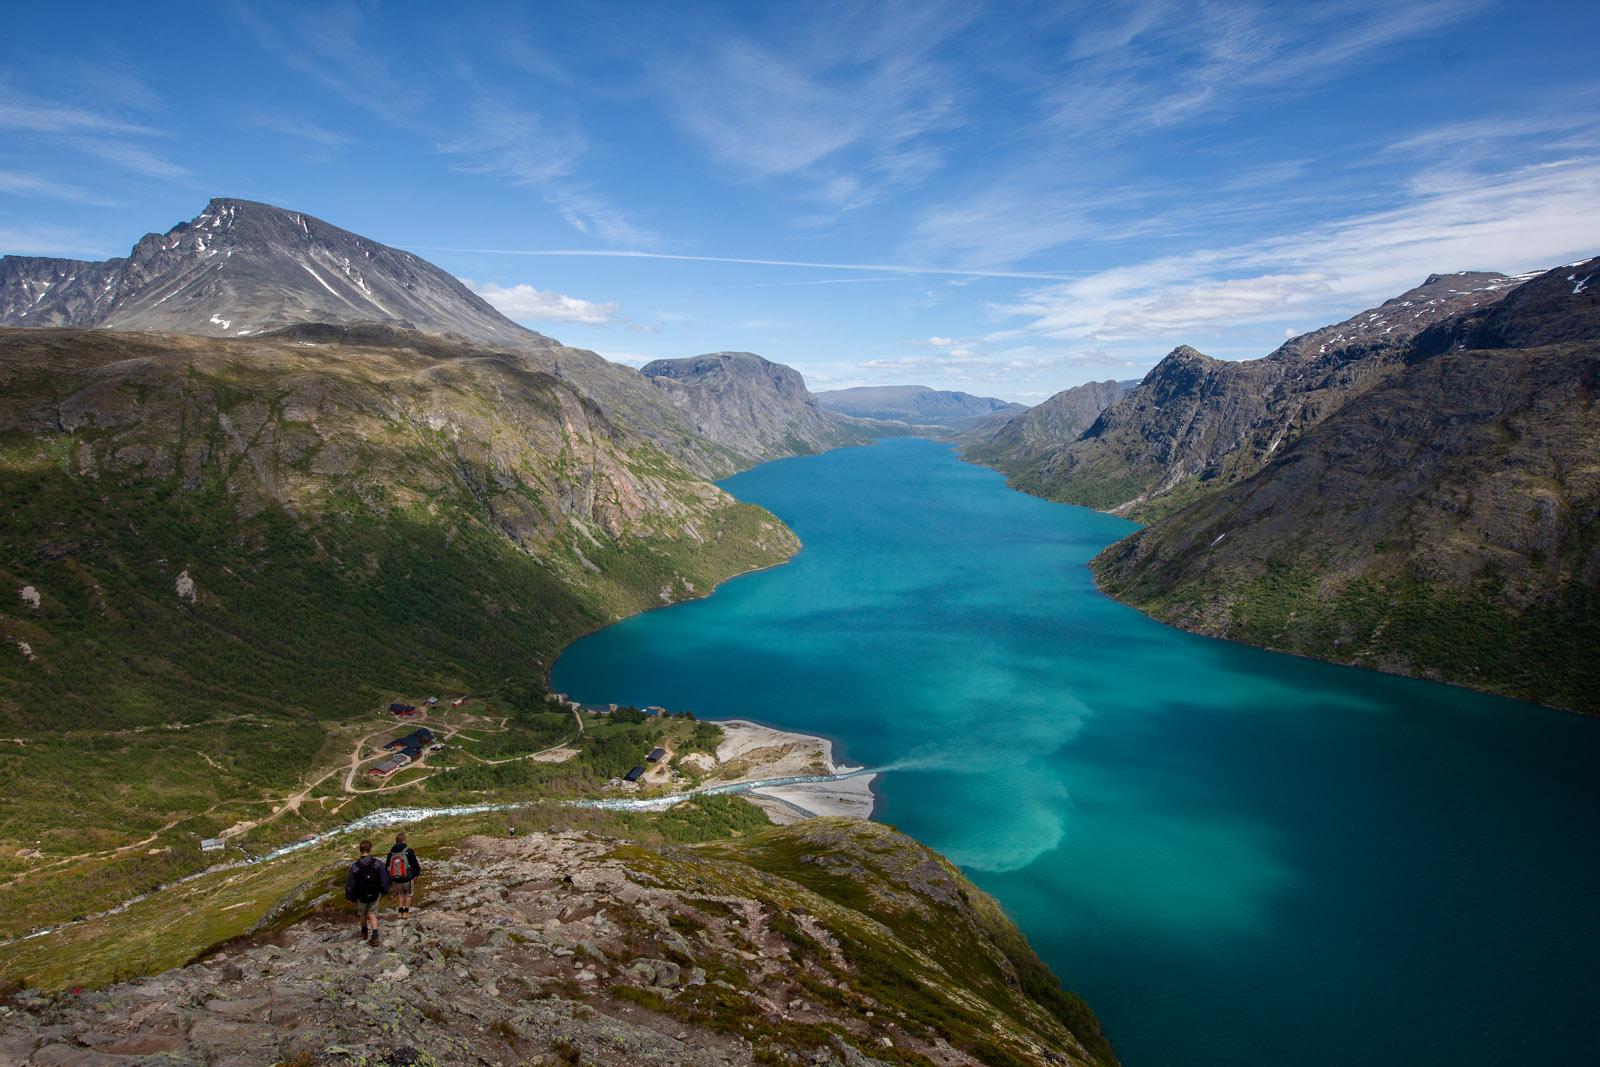 Gjende, Norway. All rights reserved © Tomas Bertelsen